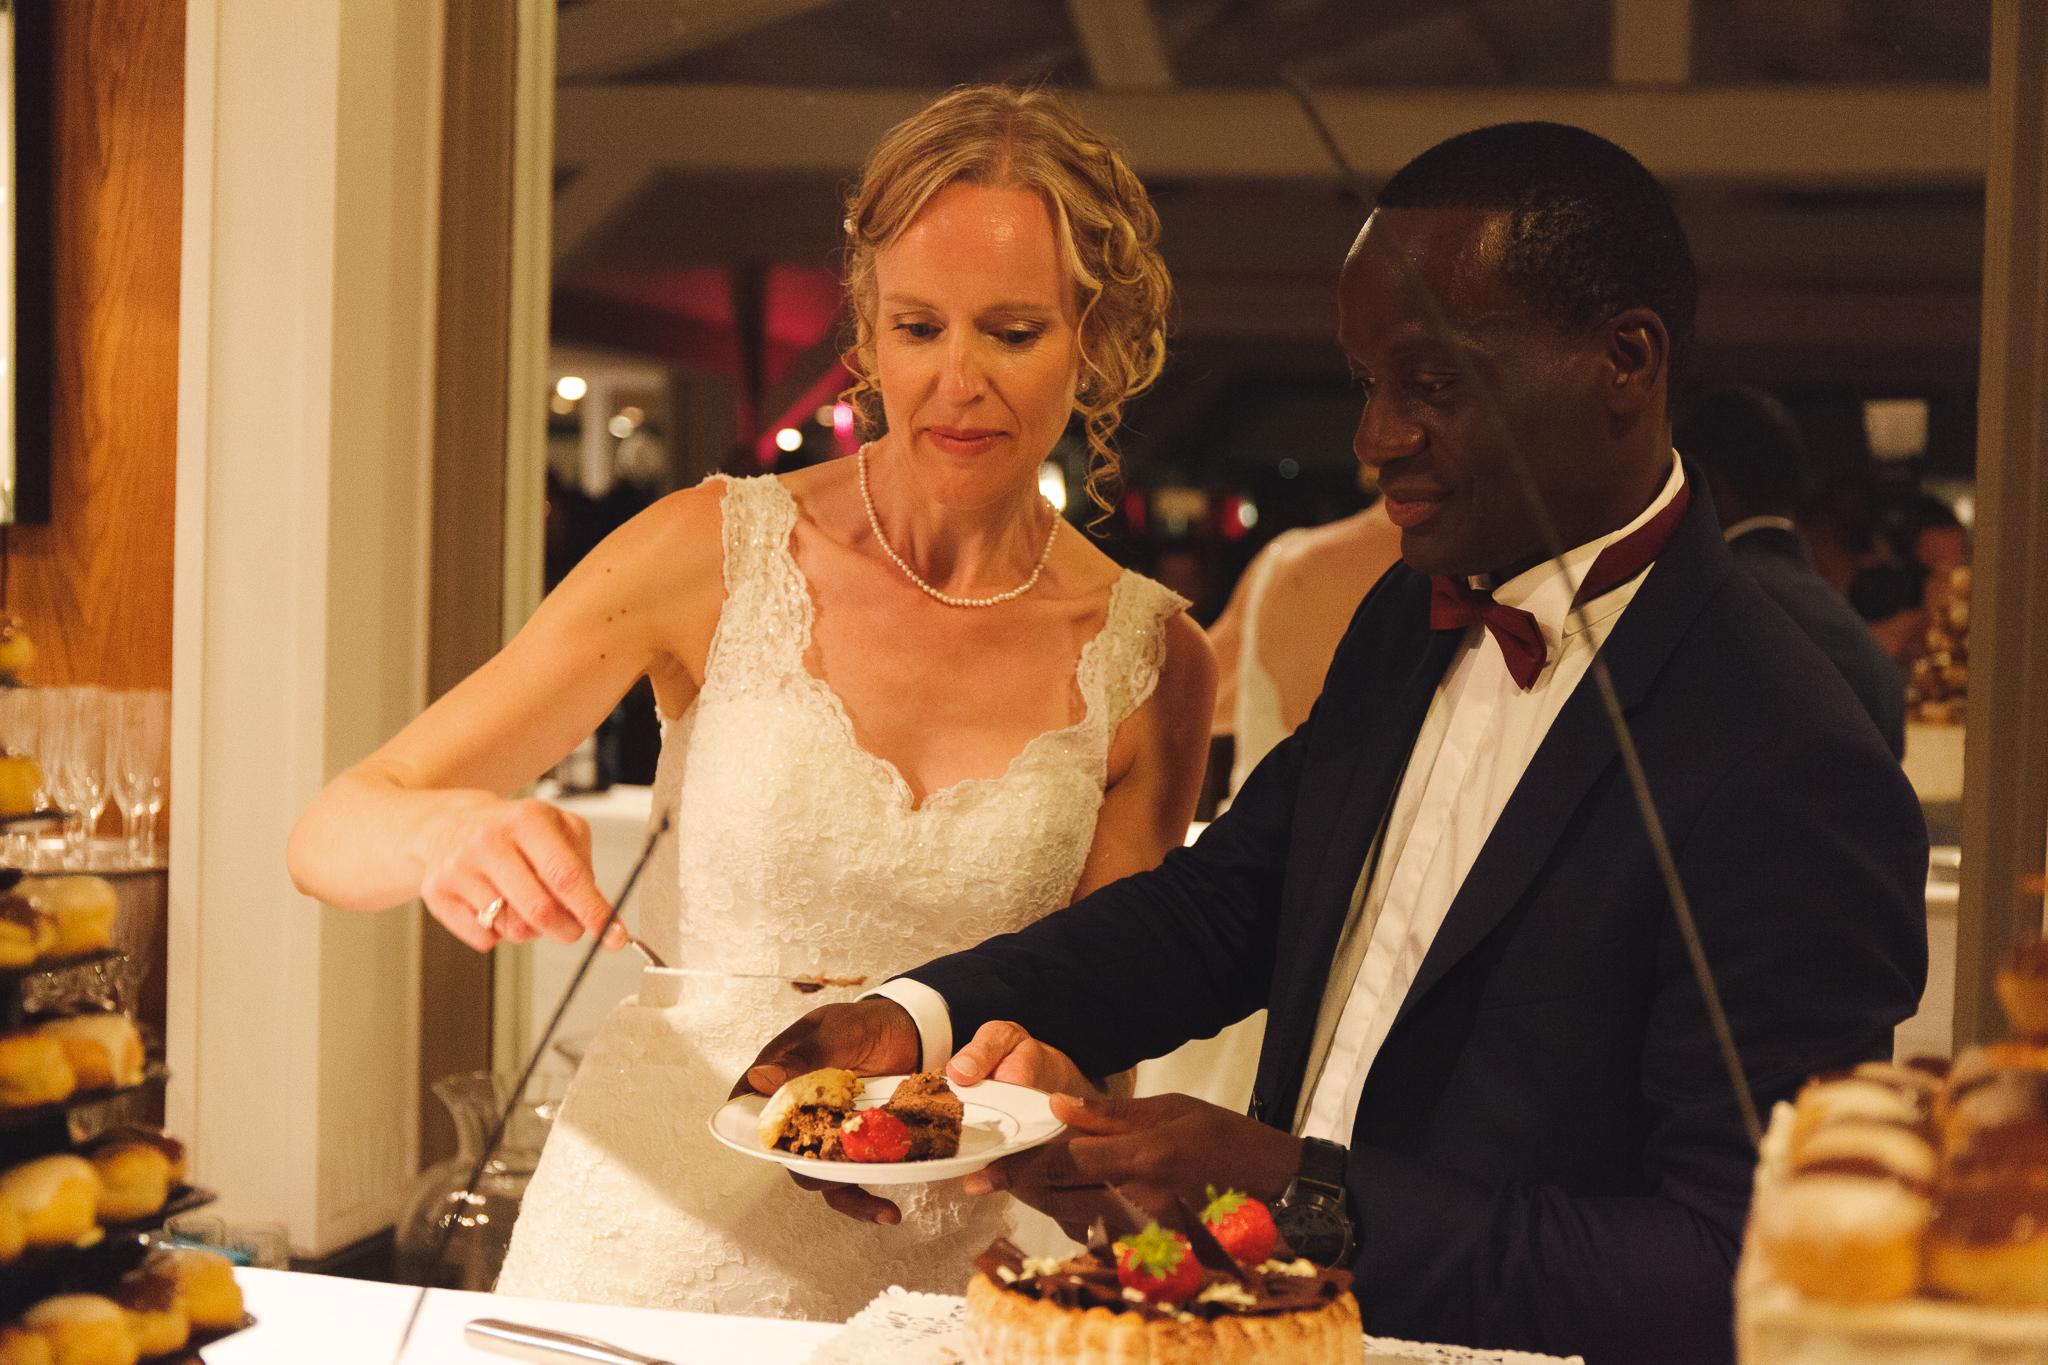 soirée mariage Domaine de la Chanterelle Verlinghem gâteaux photographe mariage Wambrechies Nord Lille